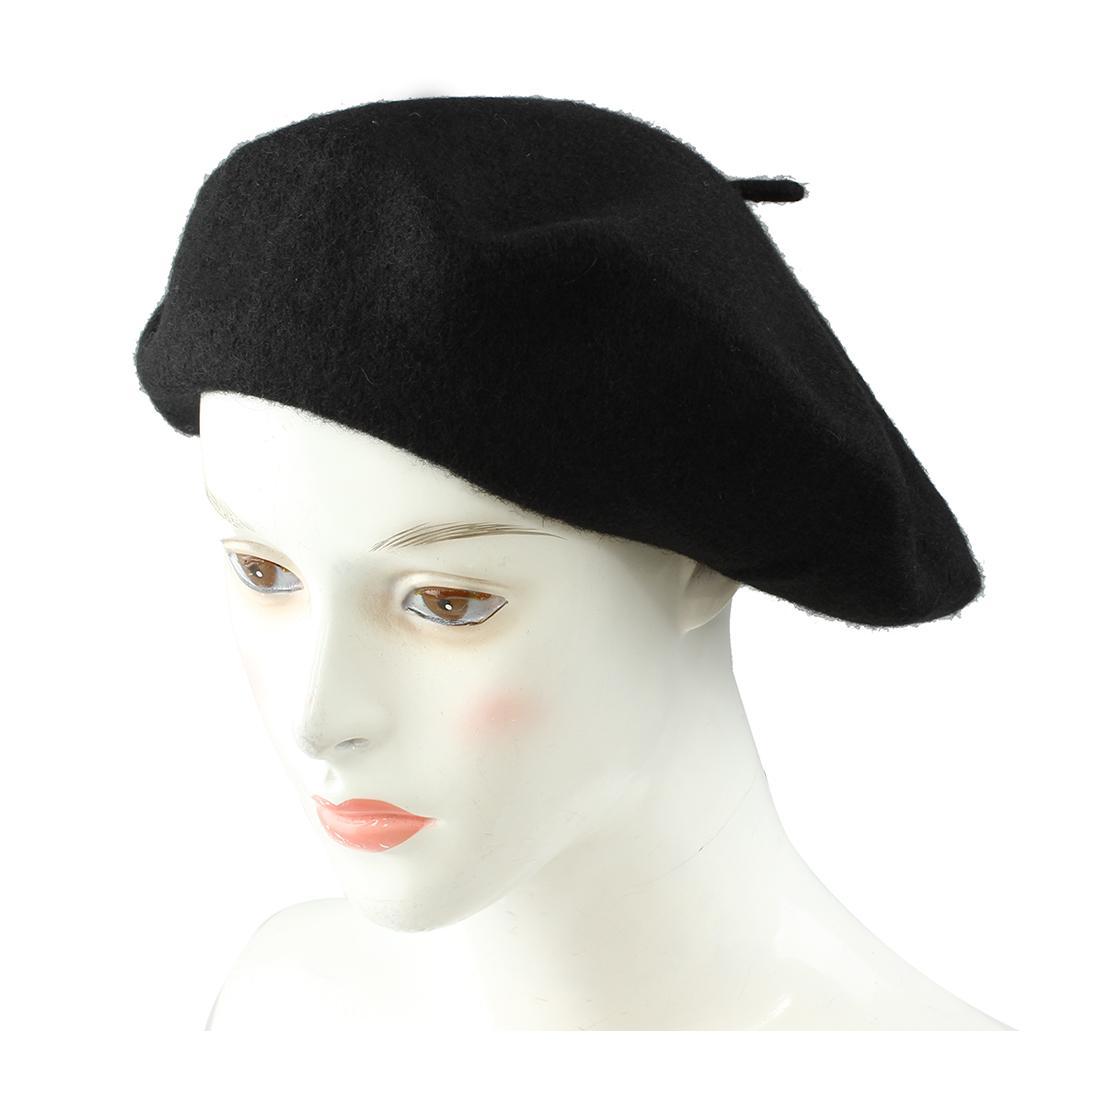 Compre Mezclilla De Lana Para Mujer Sombrero De Boina Francesa Sombrero De  Invierno Cálido Boina Para Niñas A  23.01 Del Huazu  884ac01b4a4